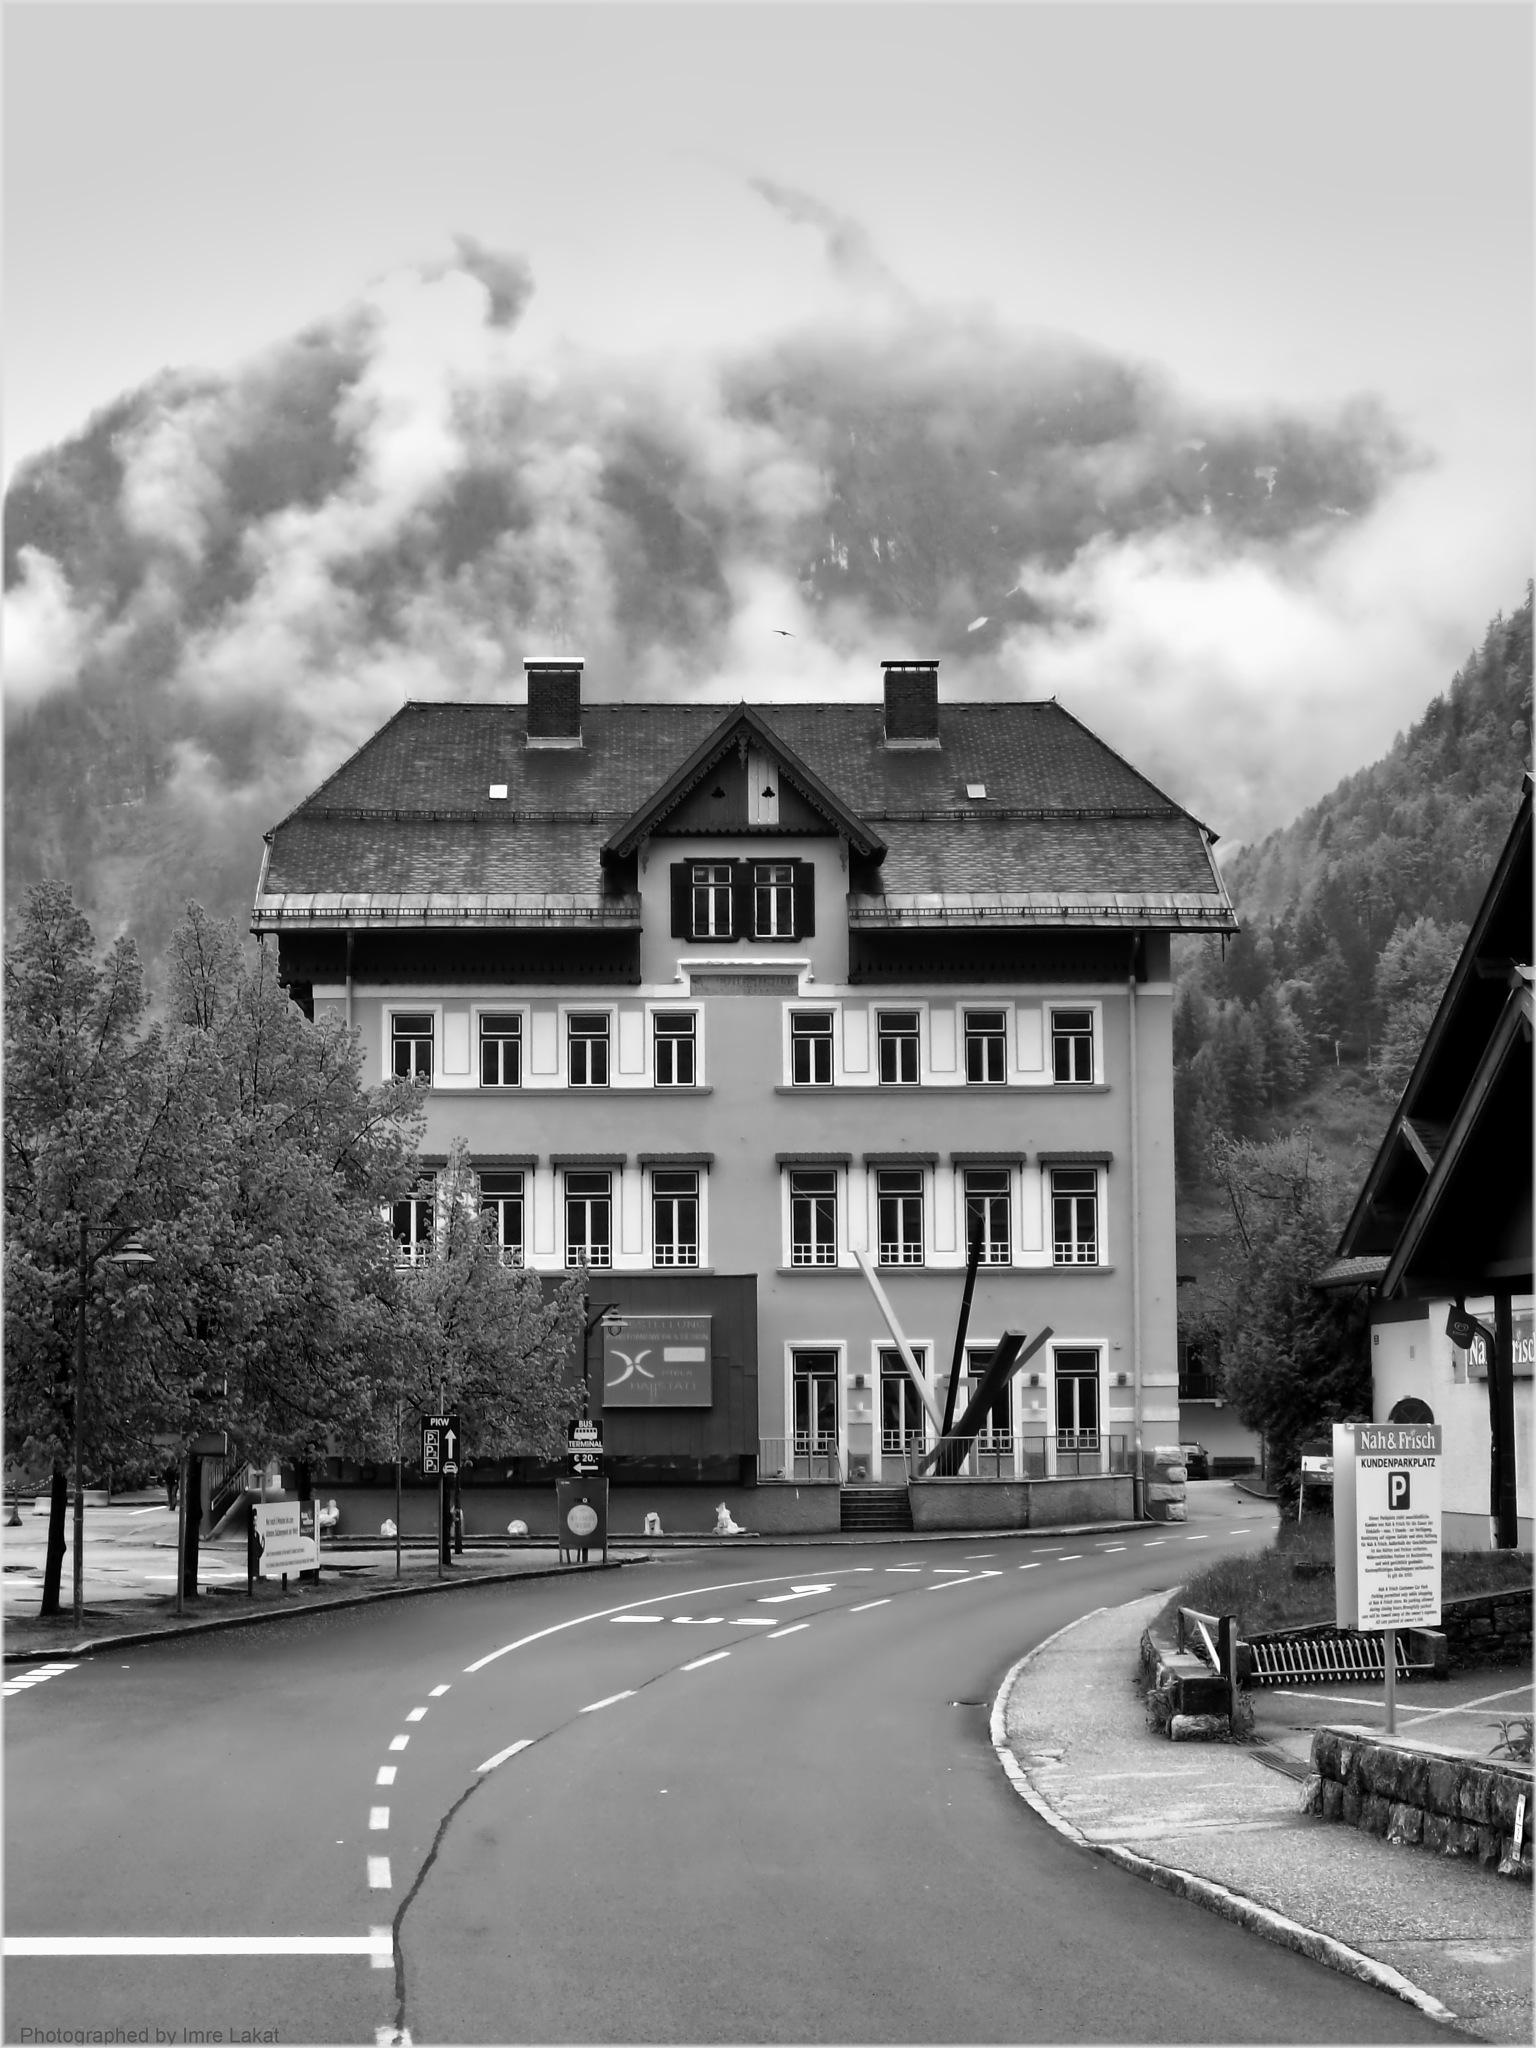 Streetphoto in Hallstatt by Imre Lakat